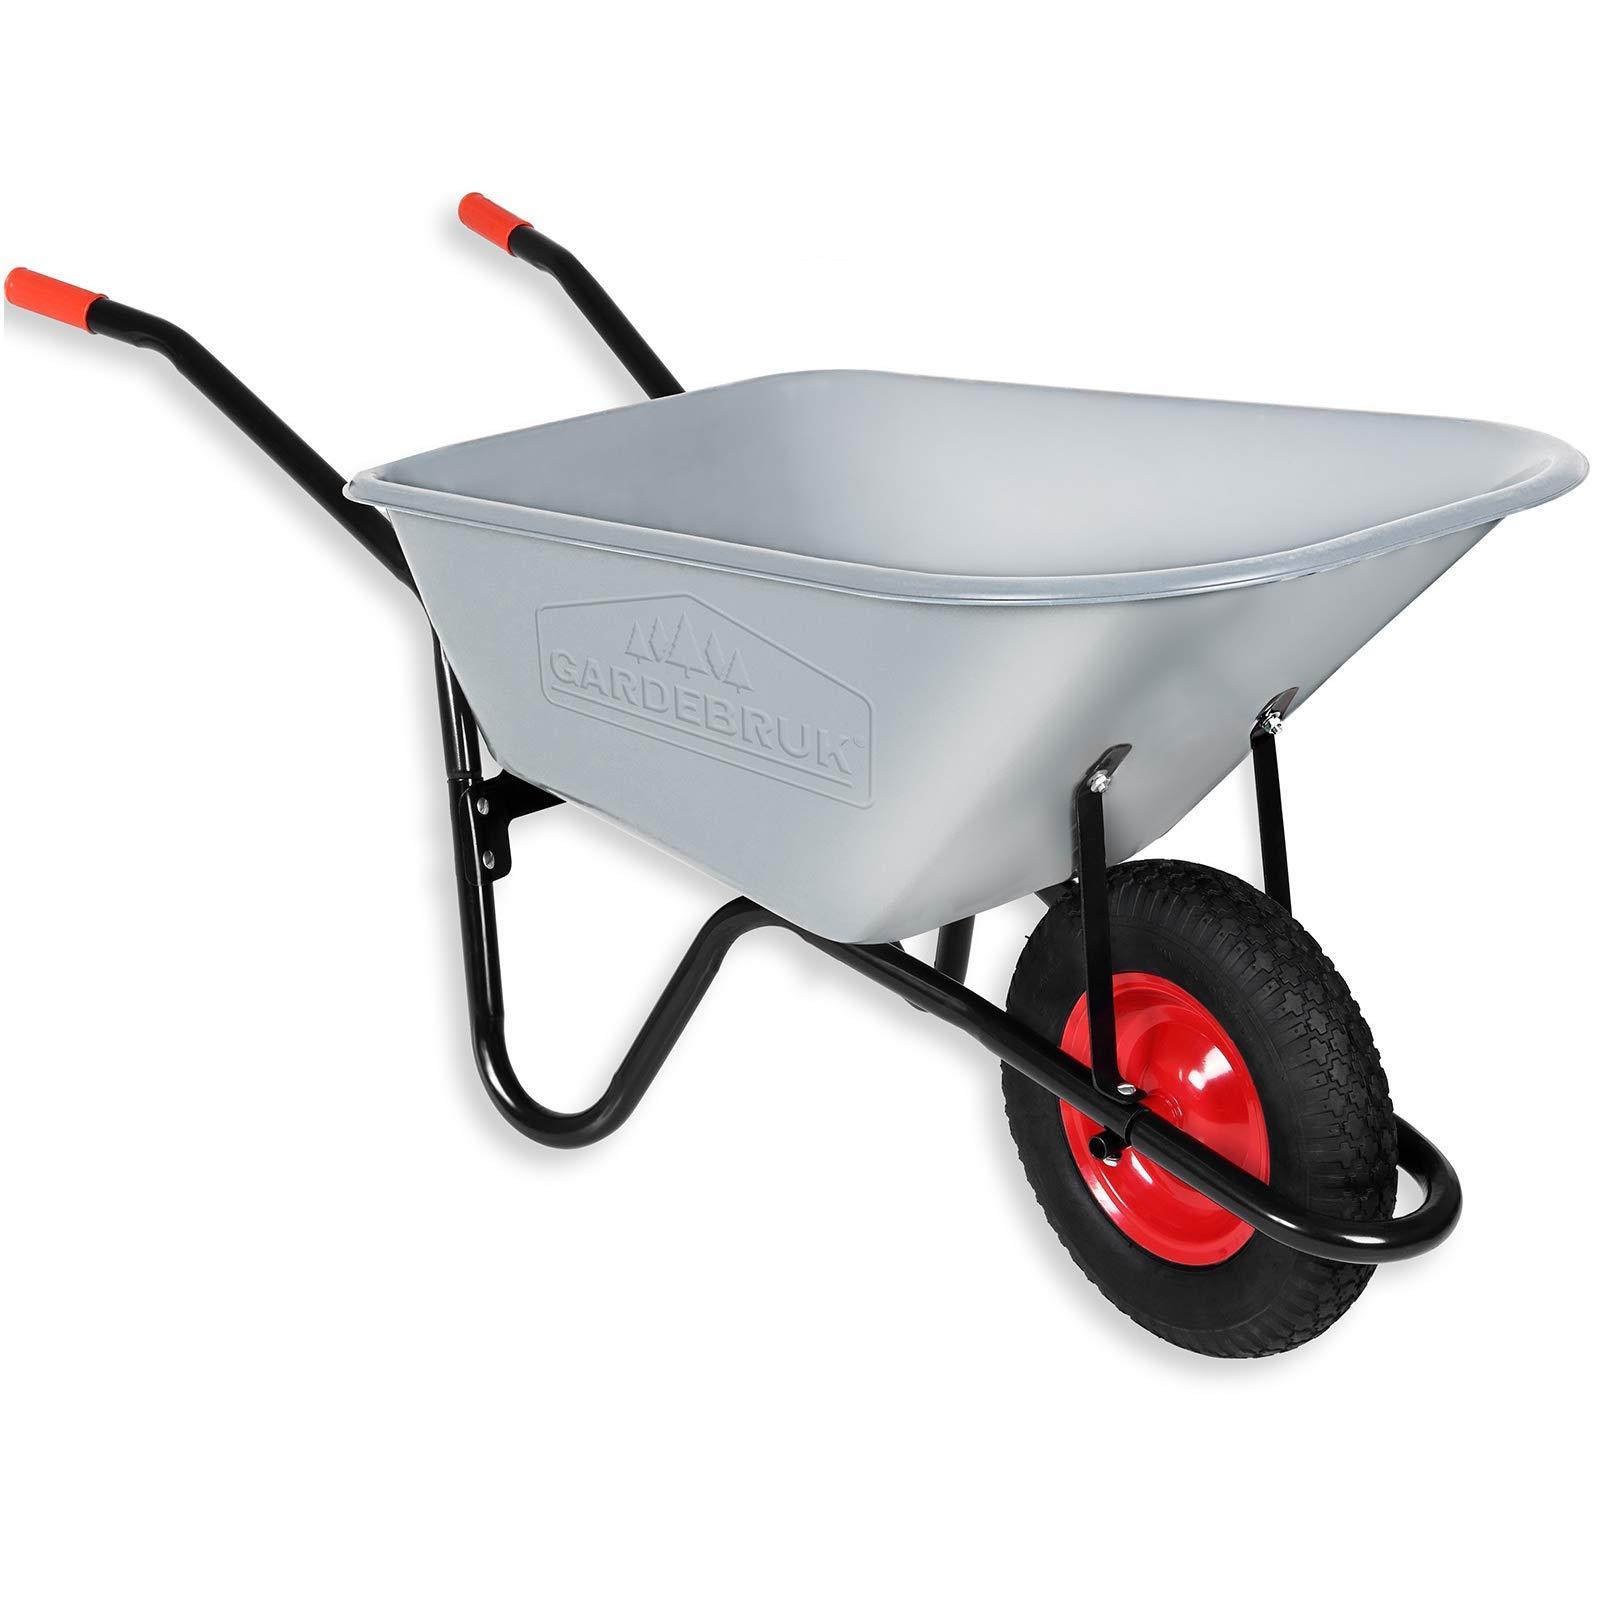 Gardebruk - Carretilla de jardín, 100 litros, 250 kg, neumáticos de aire con llanta de acero, bañera galvanizada: Amazon.es: Bricolaje y herramientas